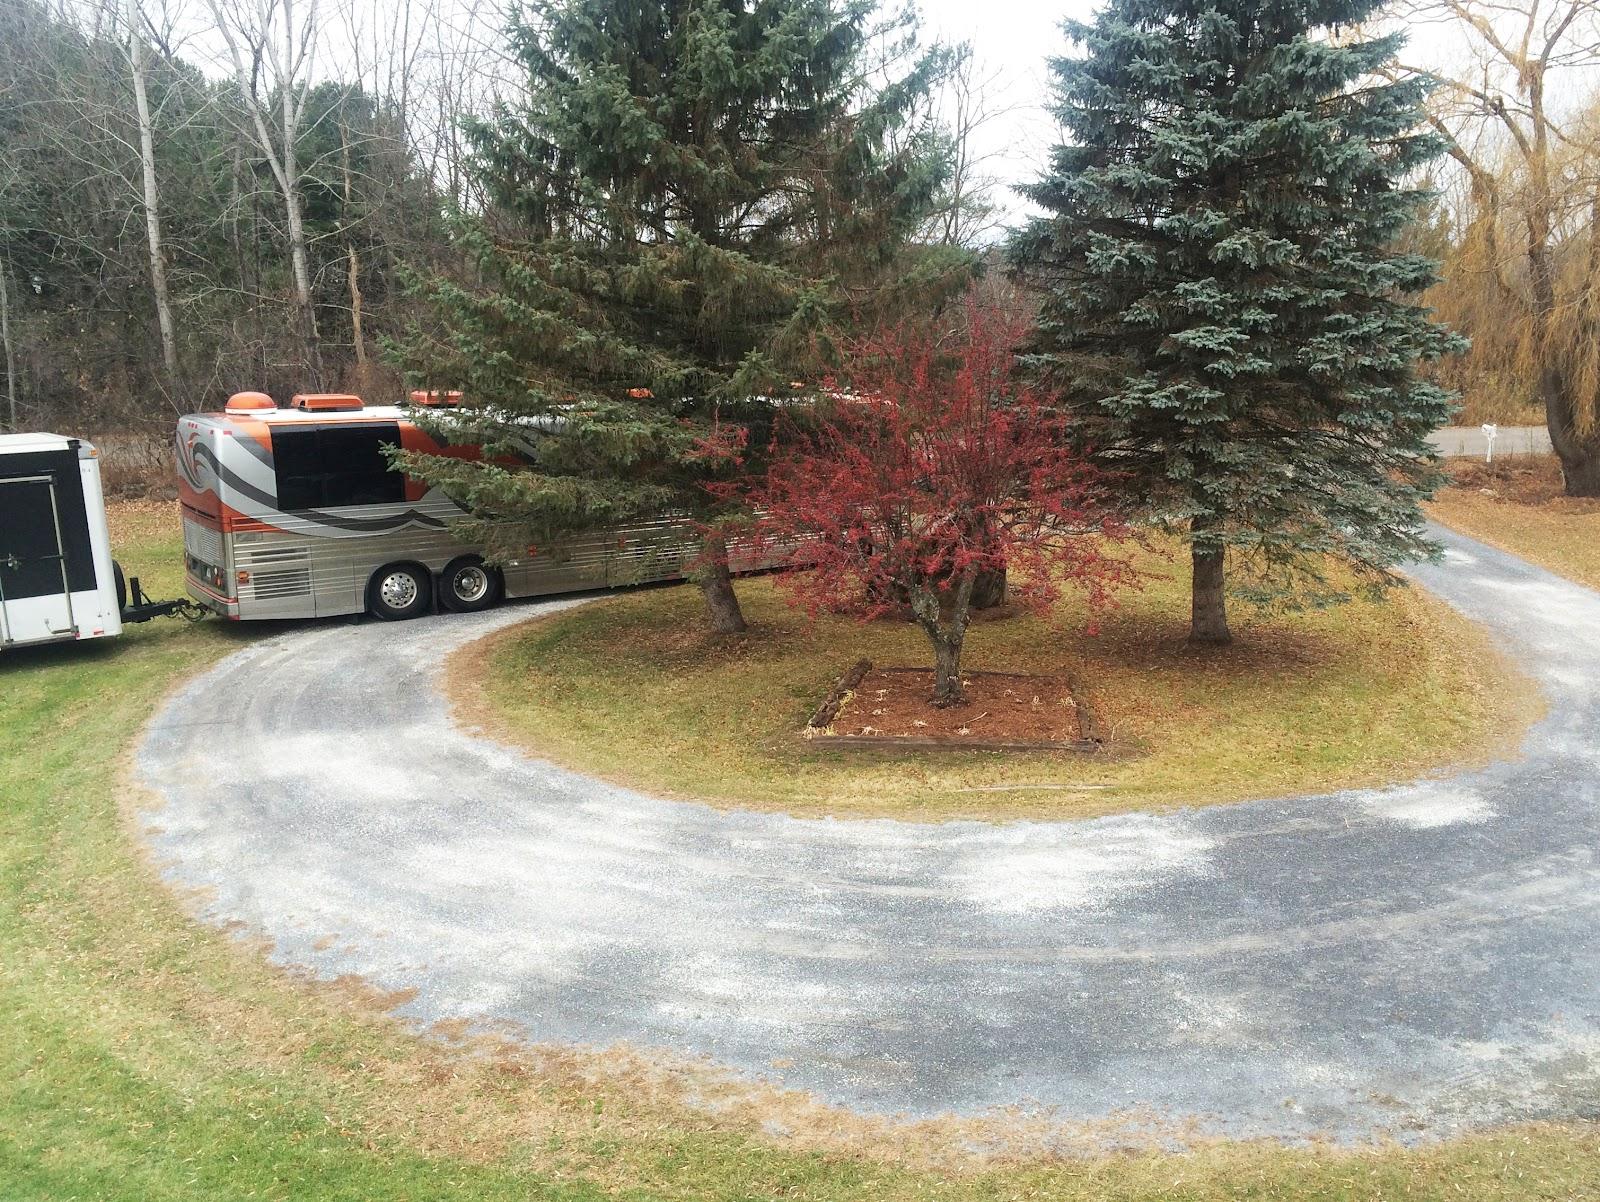 Bus in Vermont